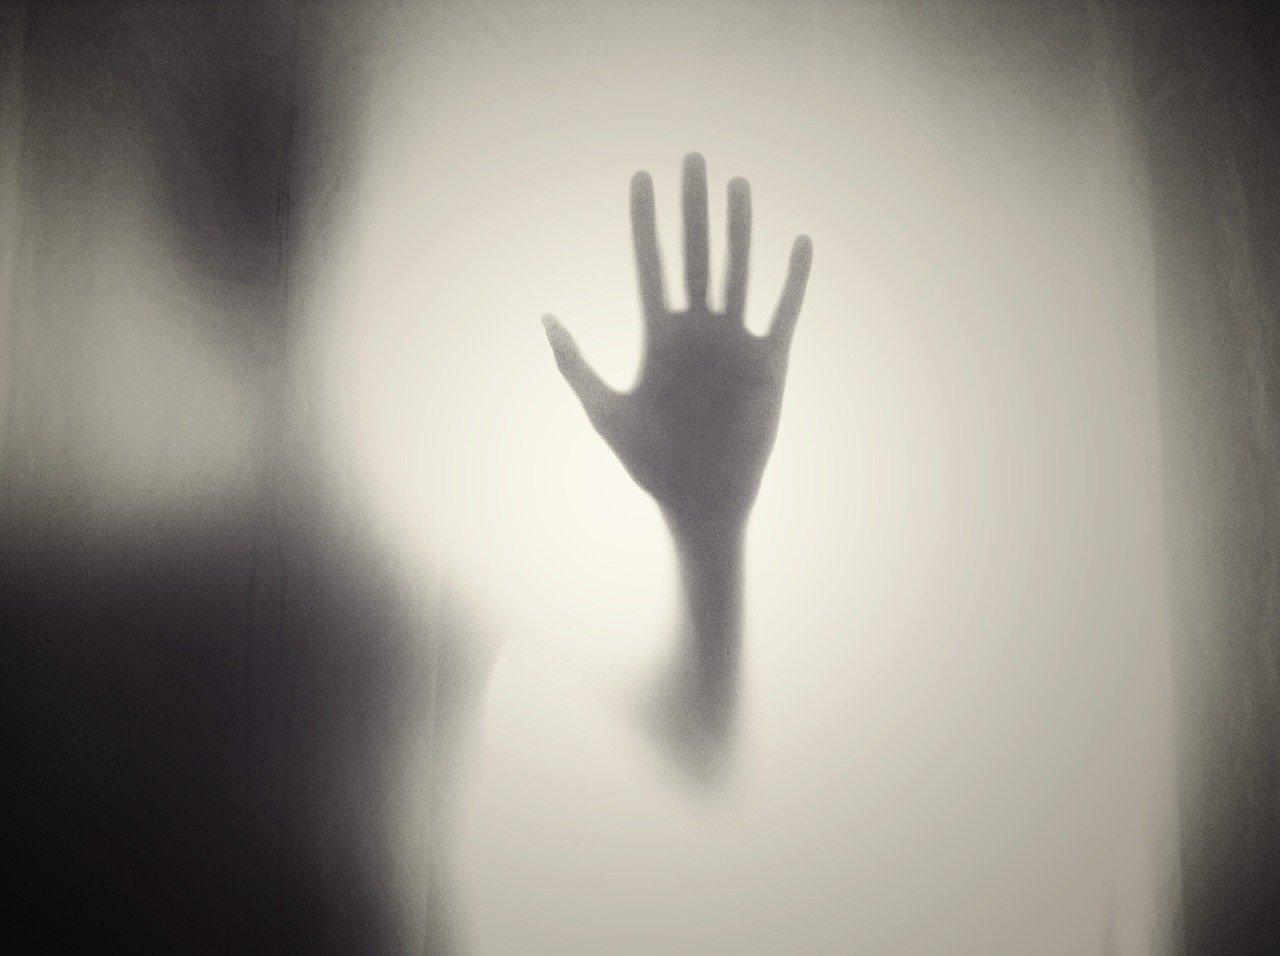 De angst voorbij: 2 vragen die helpen